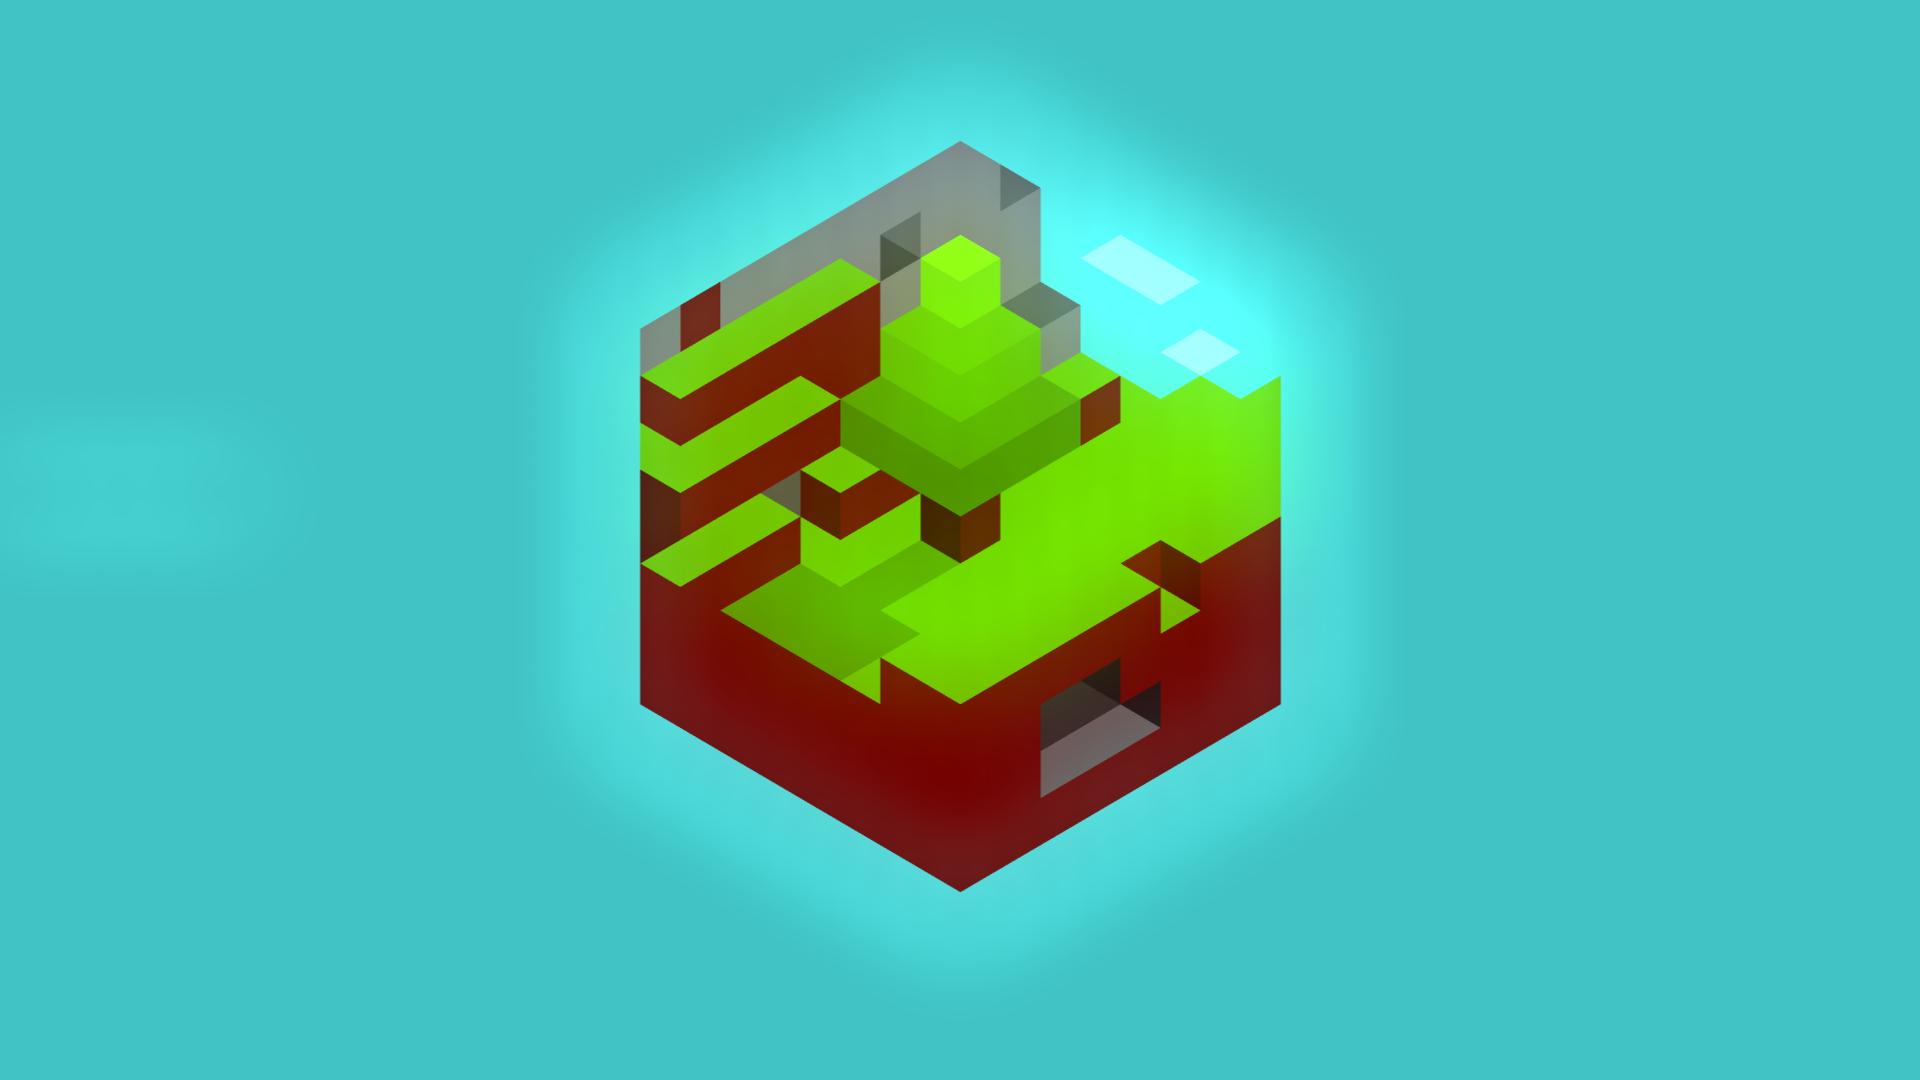 Most Inspiring Wallpaper Minecraft Minimalistic - minimalistic-minecraft-wallpaper-1  Collection_969797.png